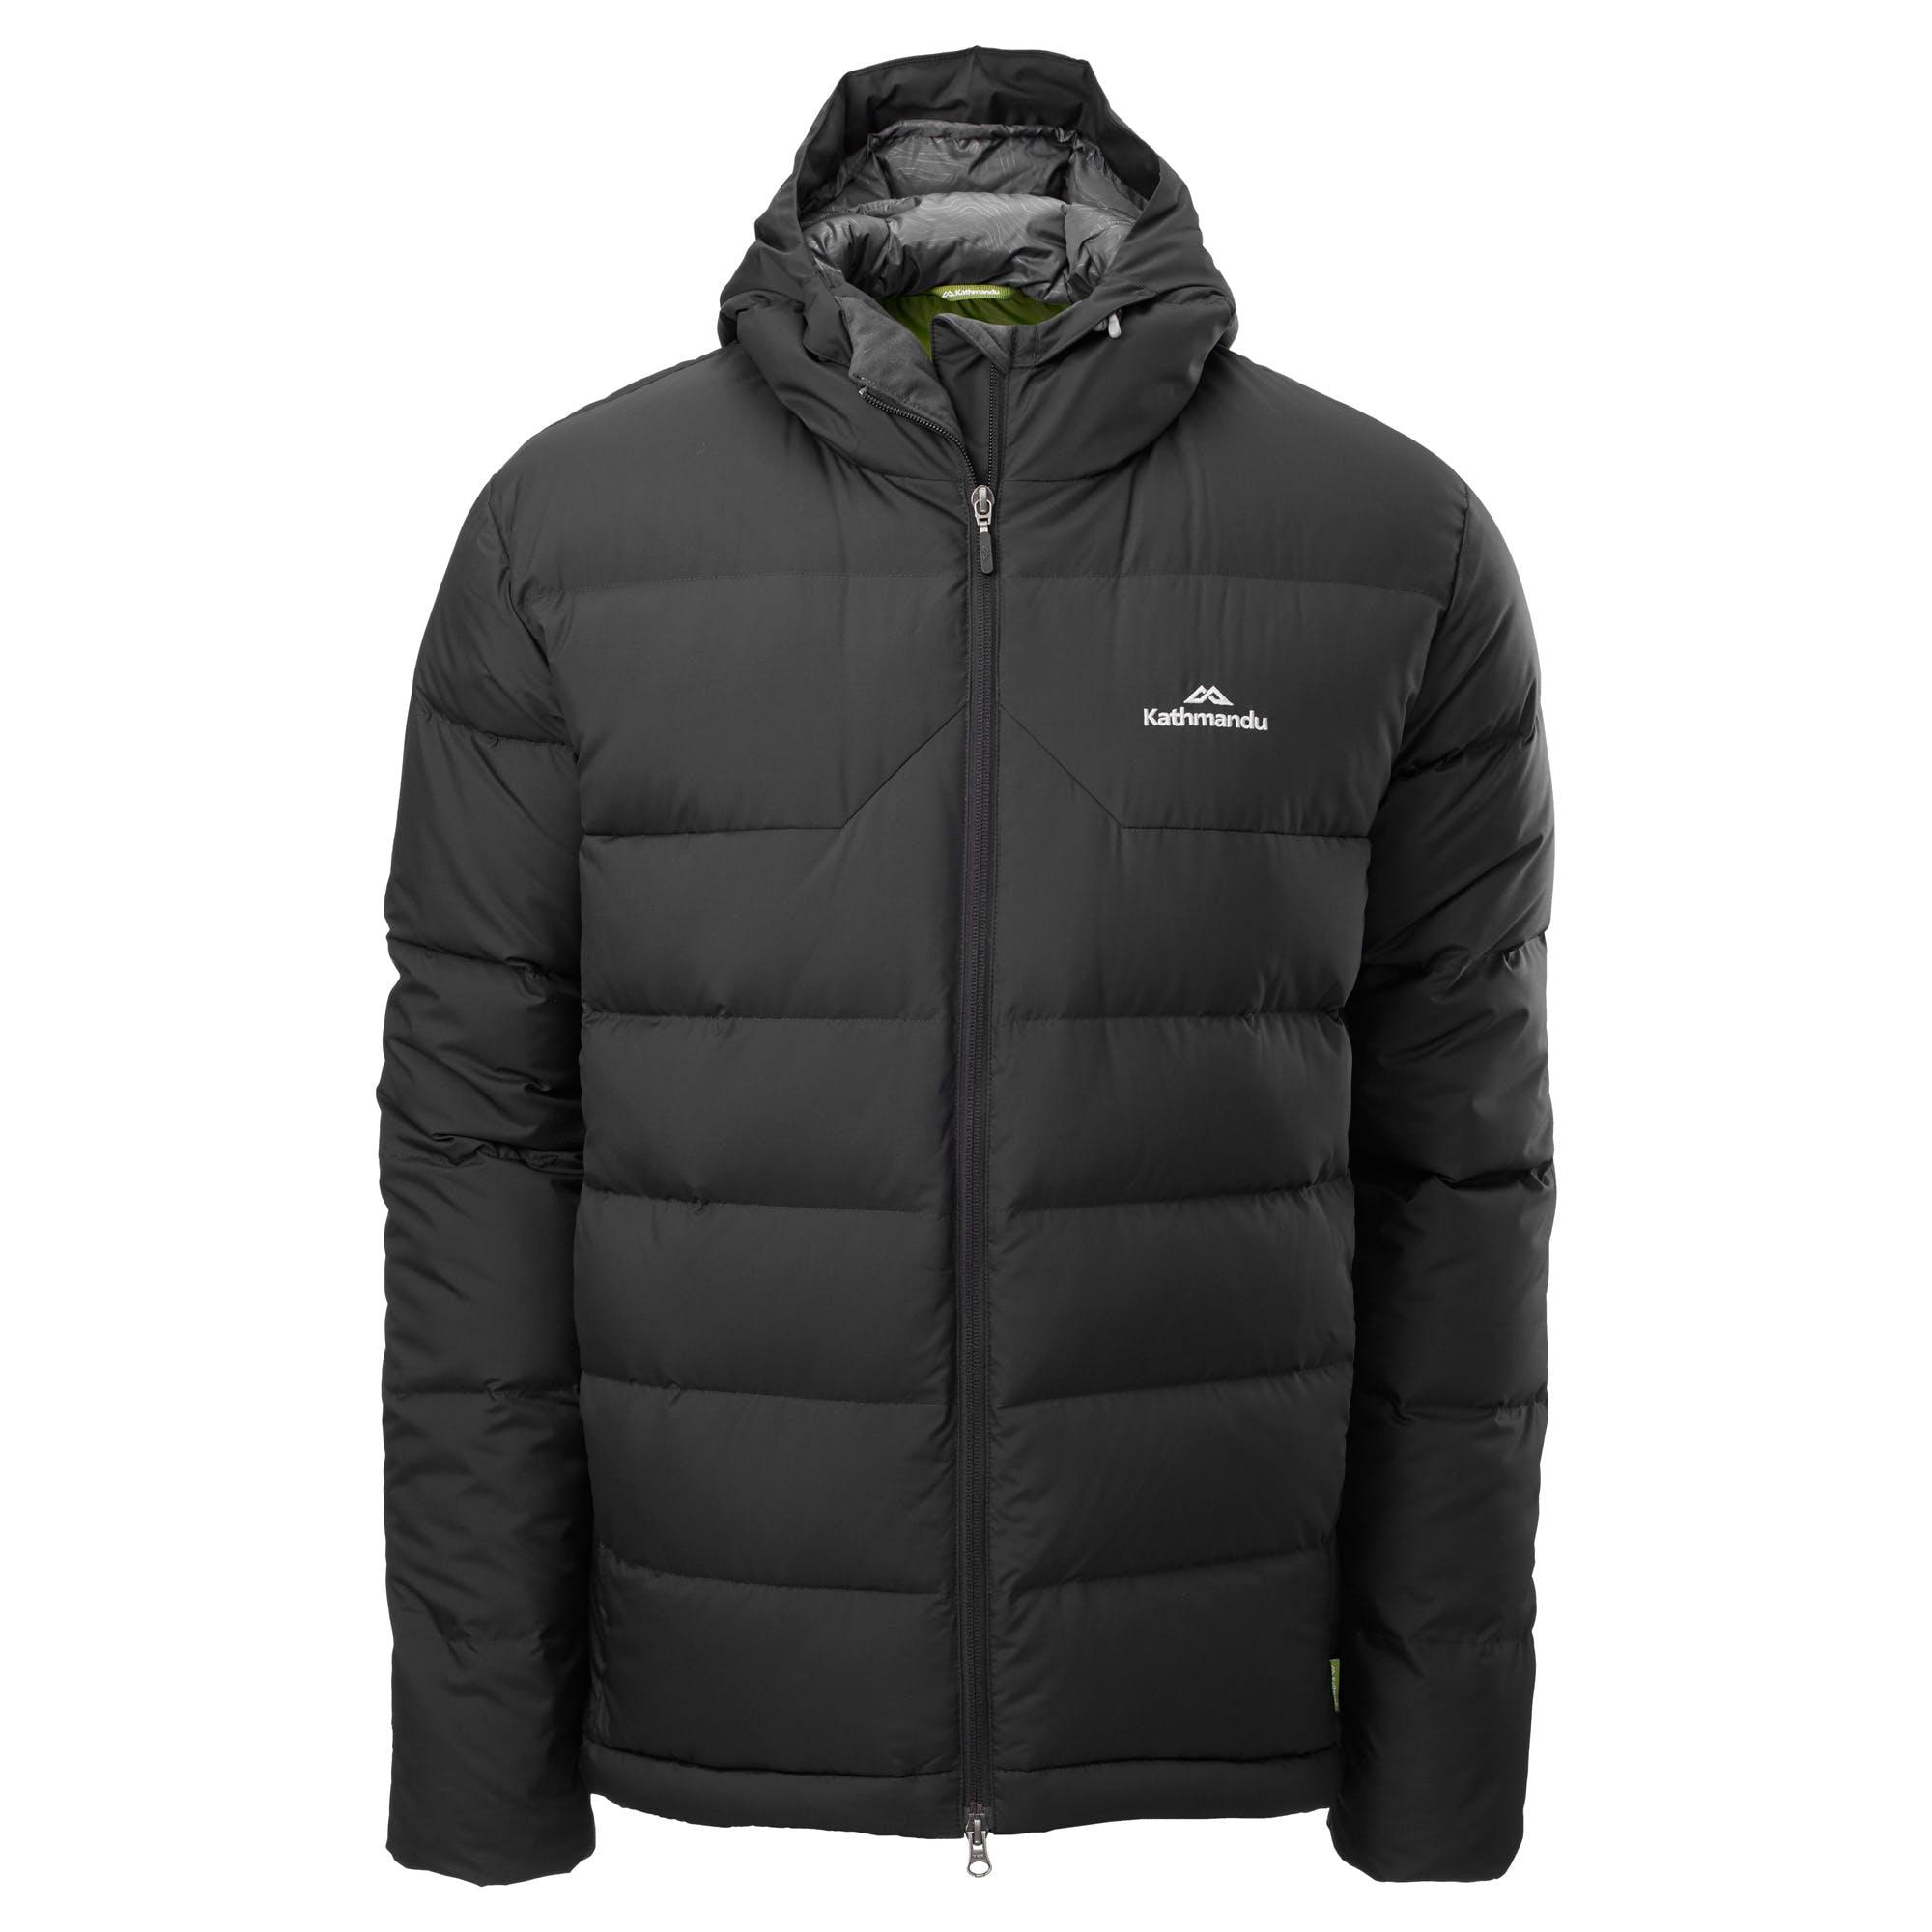 Kathmandu Wasserabweisende Daunenjacke Epiq | Bekleidung > Jacken > Daunenjacken | Kathmandu